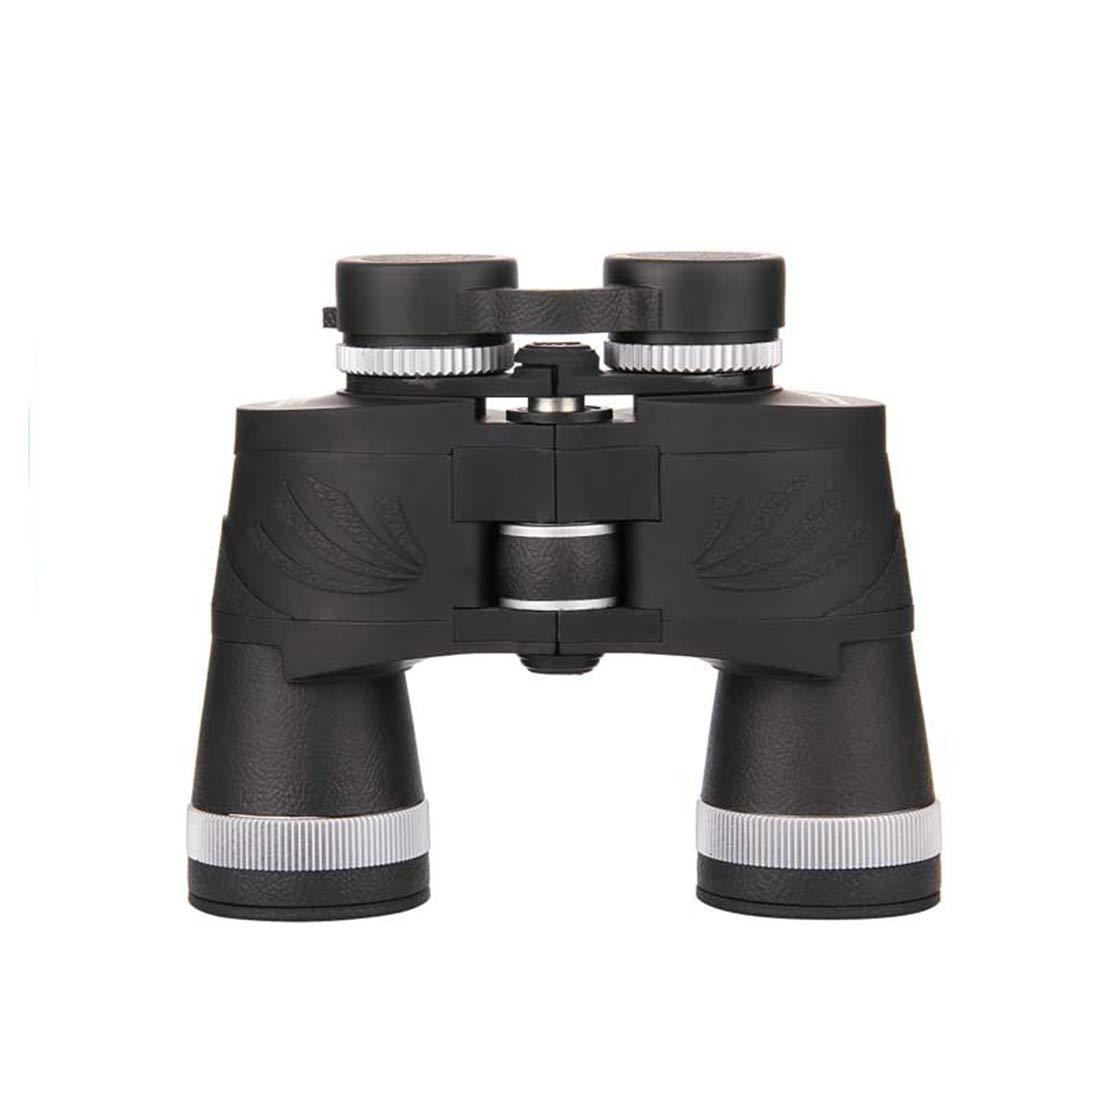 大きい割引 Nekovan Nekovan ハイパワー双眼鏡10X5大広角HD低照度ナイトビジョン屋外用ハンドヘルド望遠鏡 B07Q585MW6 ブラック ブラック B07Q585MW6, ヌマクマチョウ:eb061e8d --- berkultura.ru